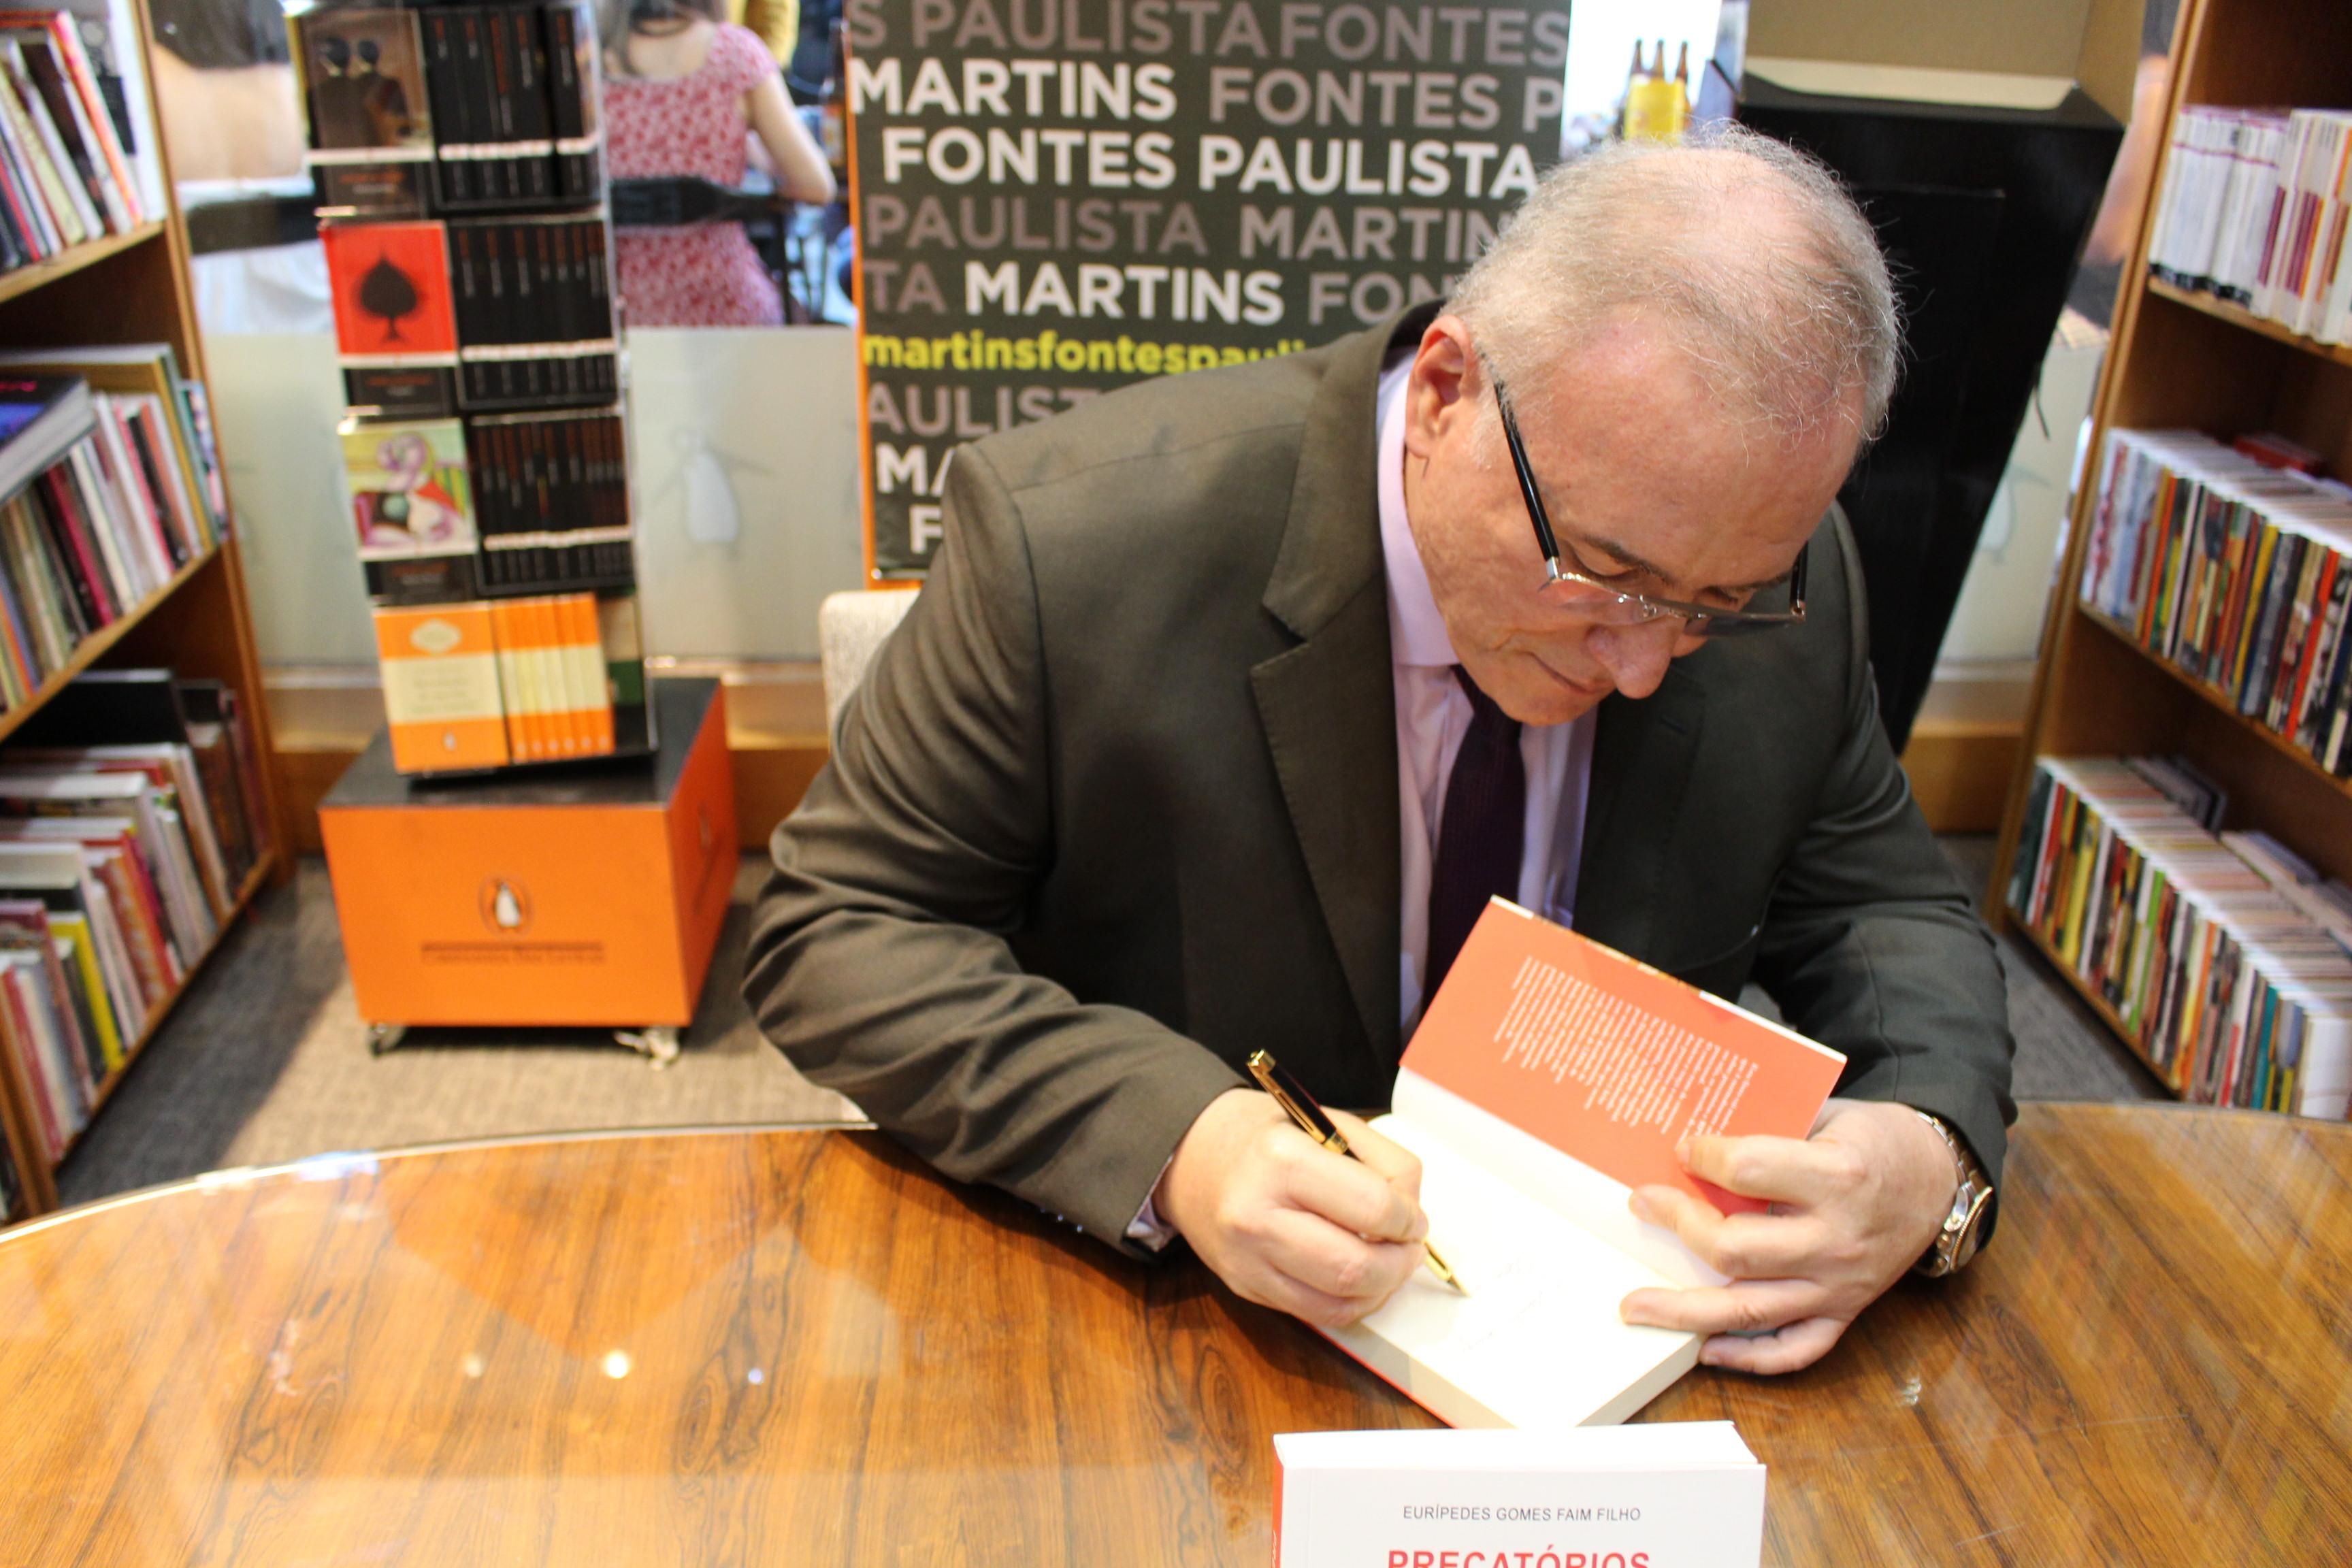 Magistrado lança livro sobre Precatórios e Requisições de Pequeno Valor